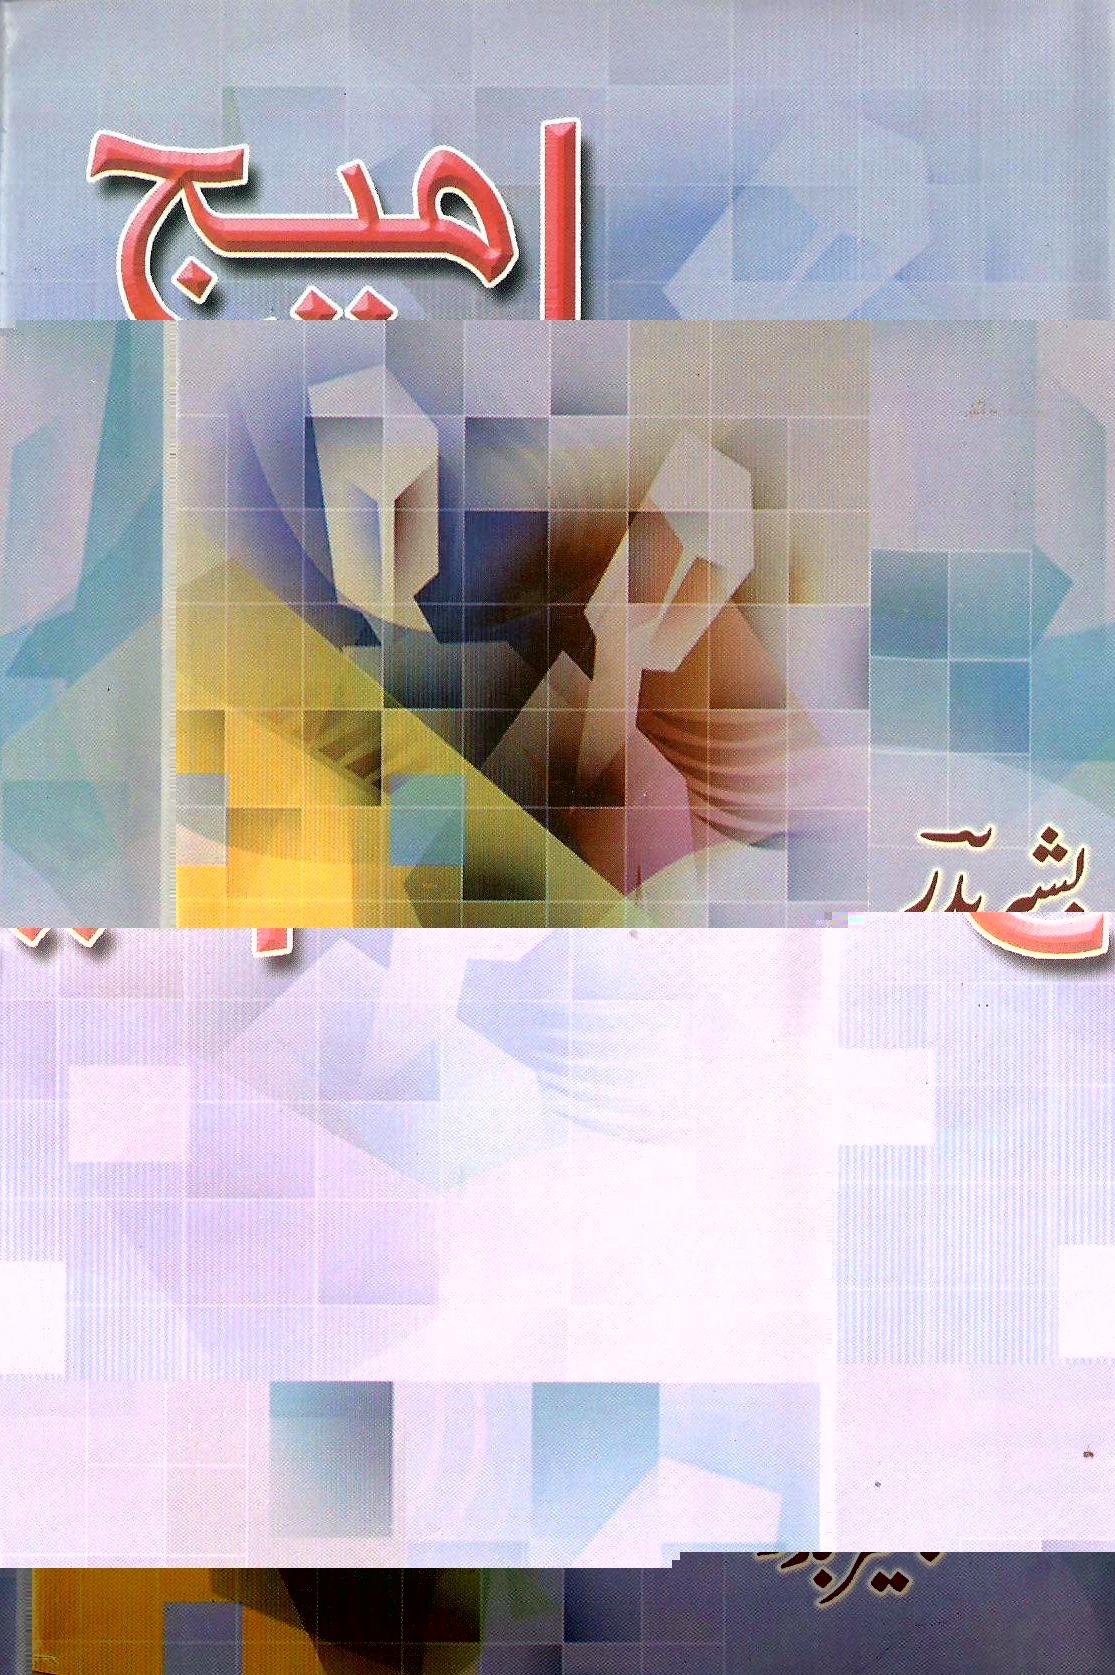 Ameeg - Bashir Badr